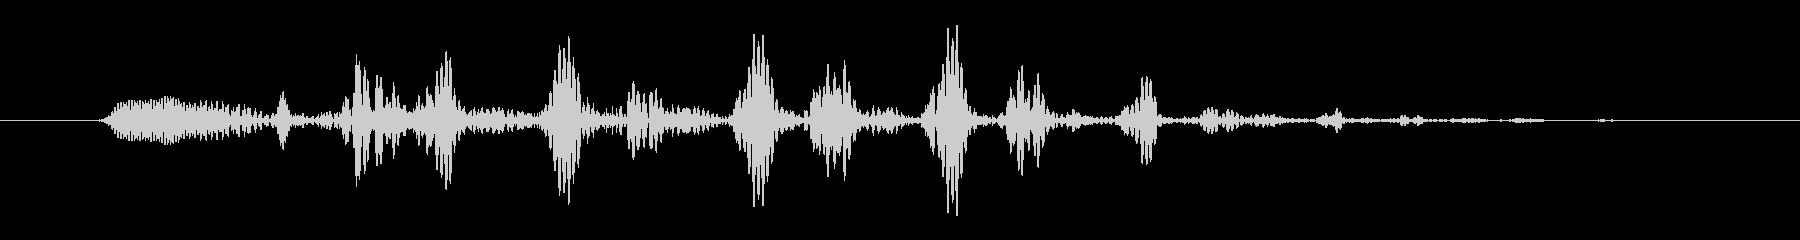 コミカル07_ビヨヨヨ_ボタンの未再生の波形